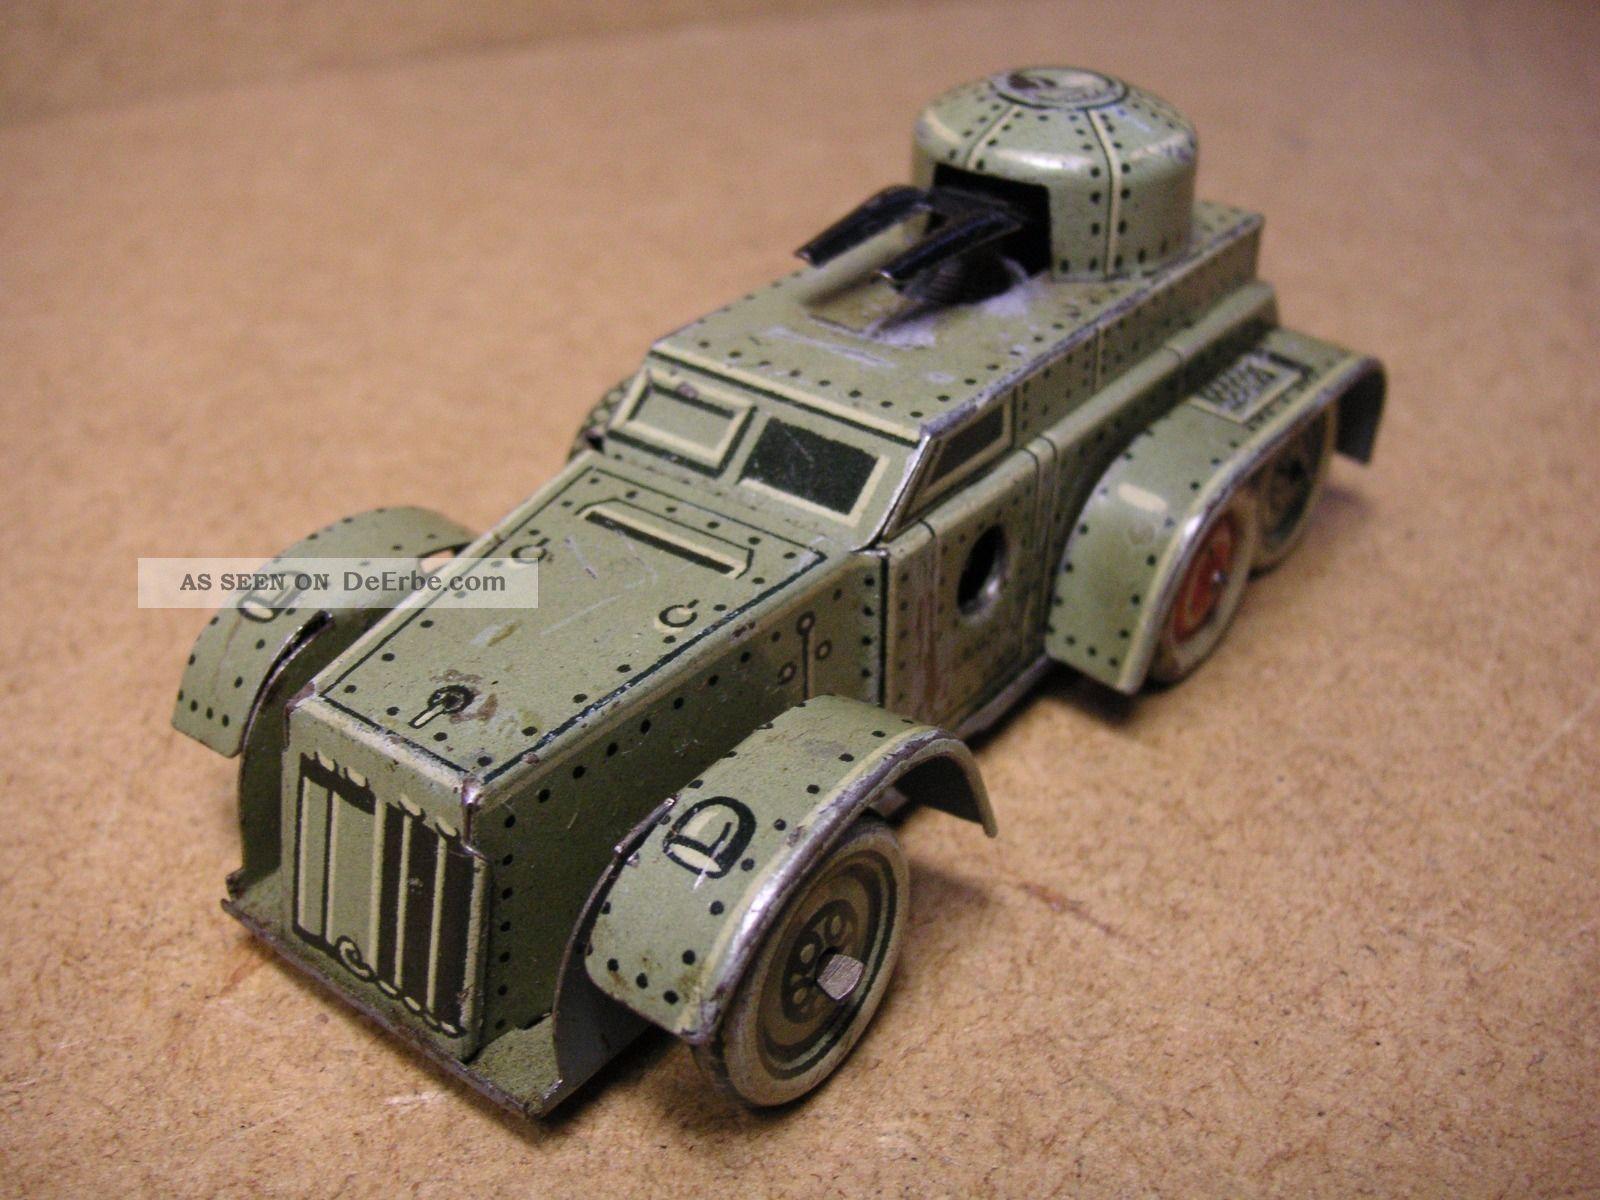 Pennytoy Cko 338 Panzerwagen Blech Uhrwerk Germany Vorkrieg Tin Tole Latta Original, gefertigt vor 1945 Bild